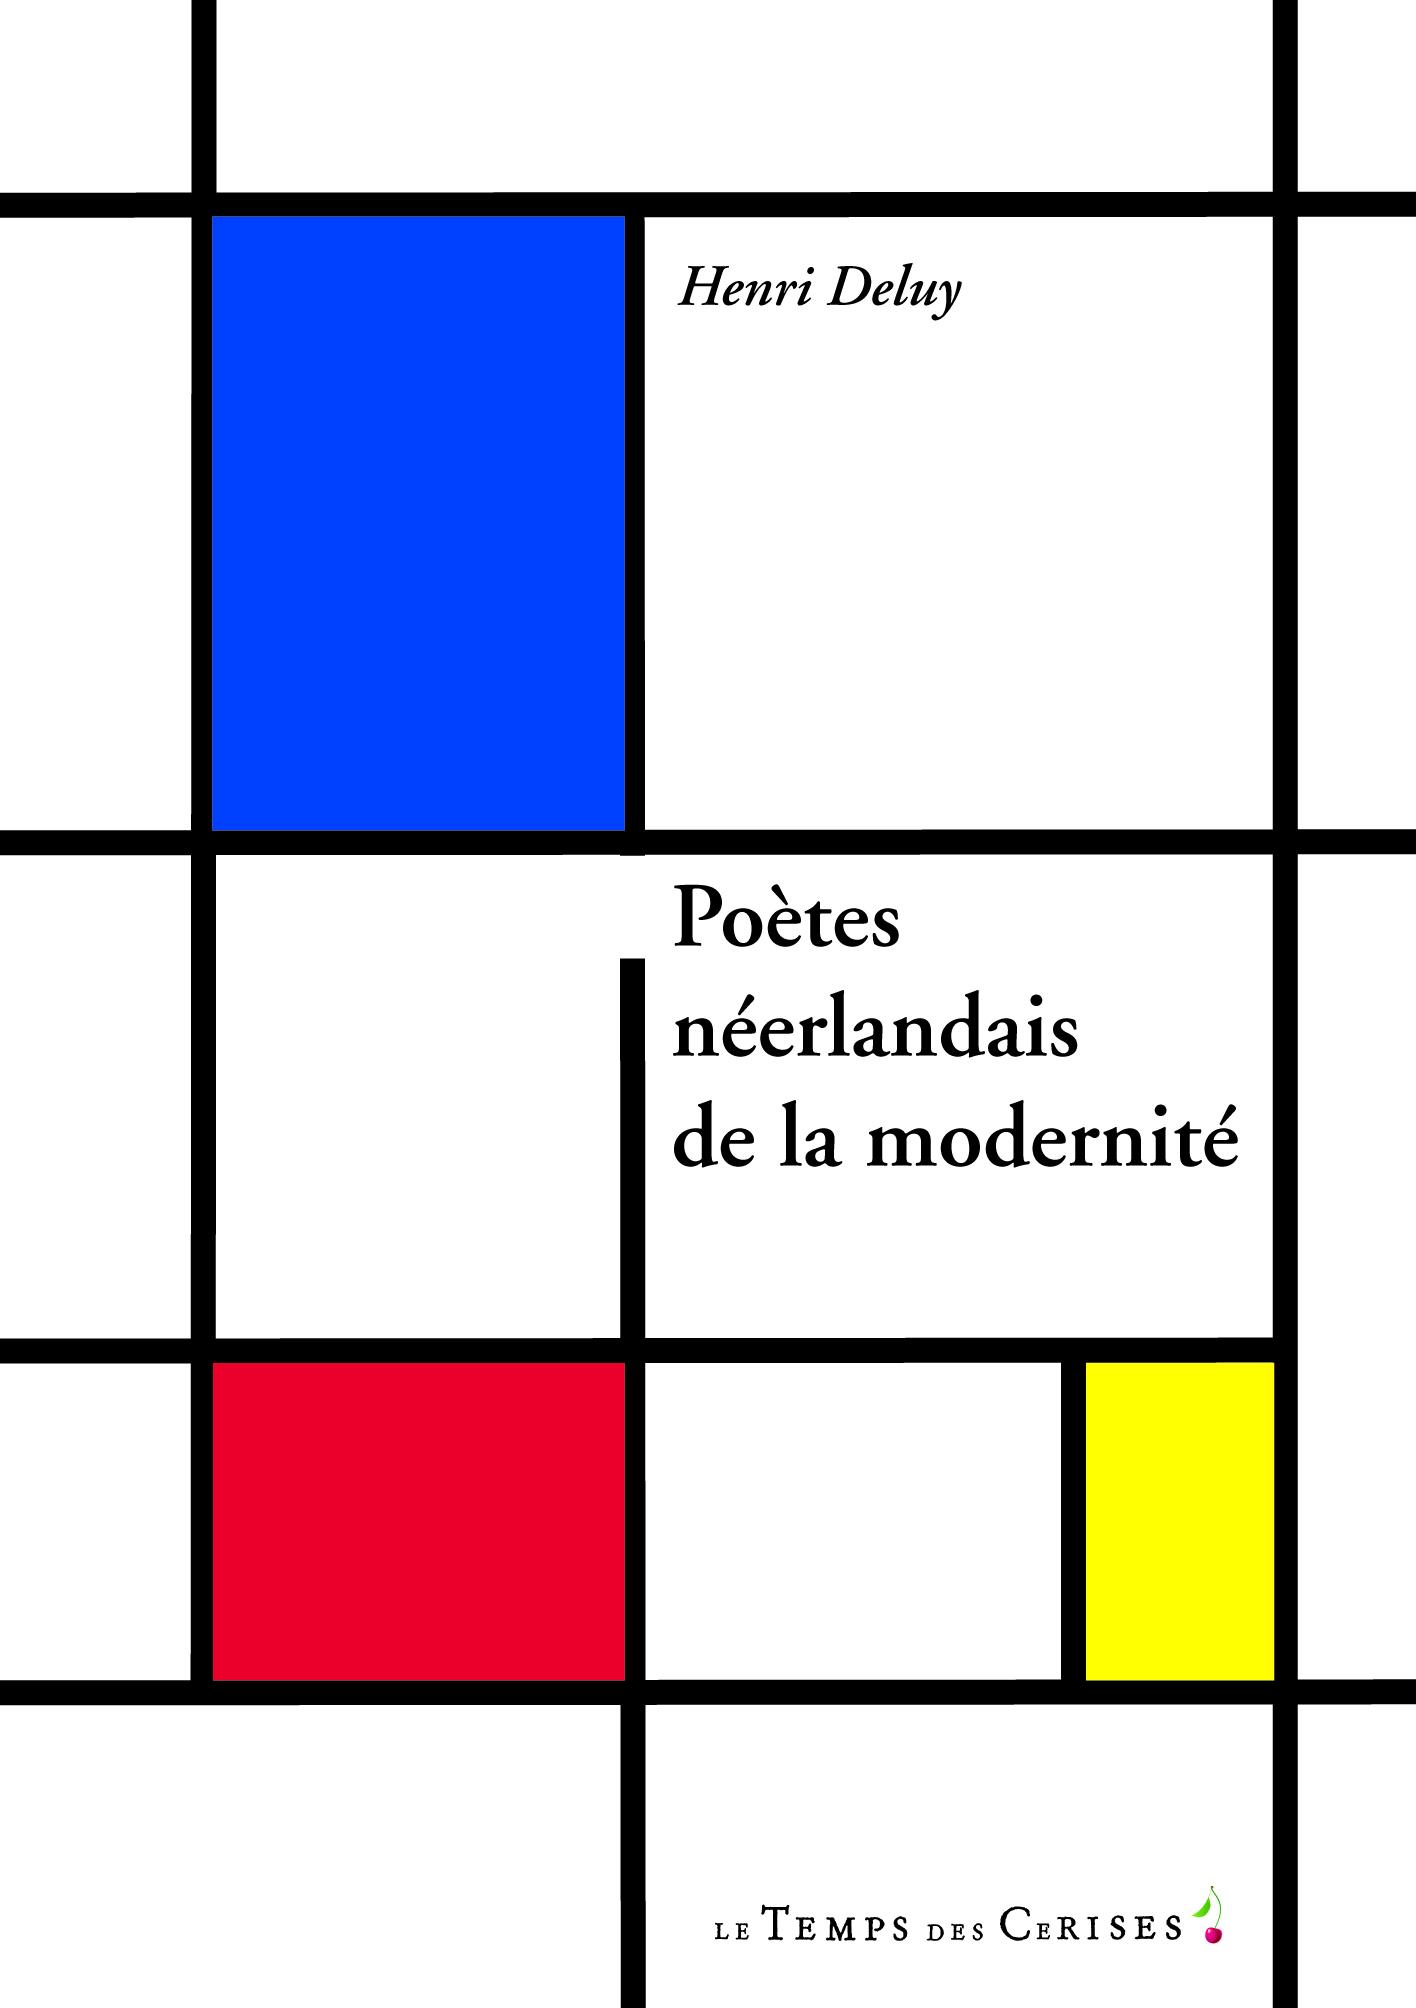 poètes néerlandais de la modernité (2012) – book launch